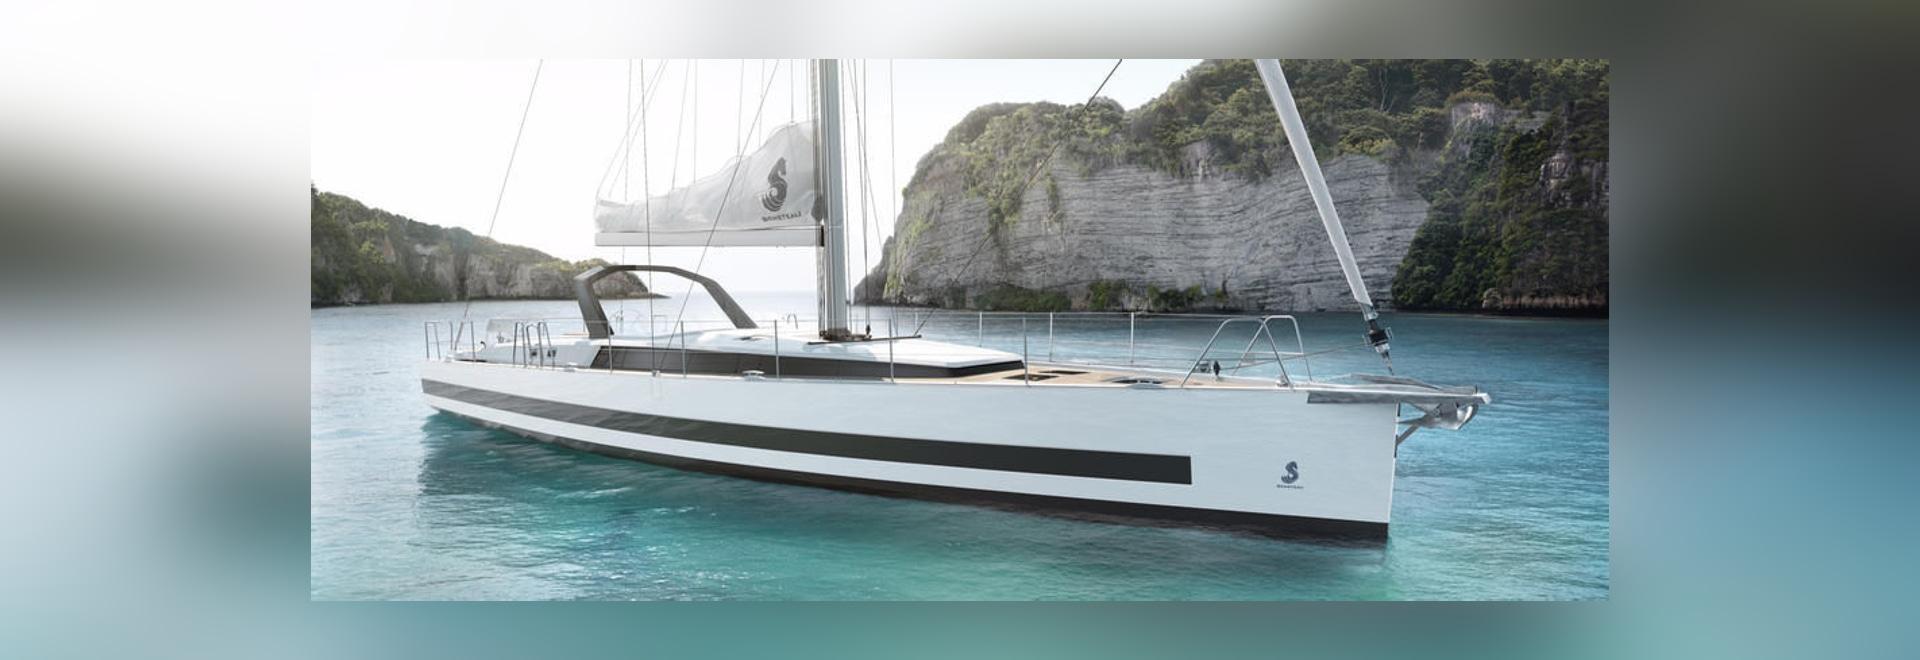 NEW: Oceanis Yacht 62